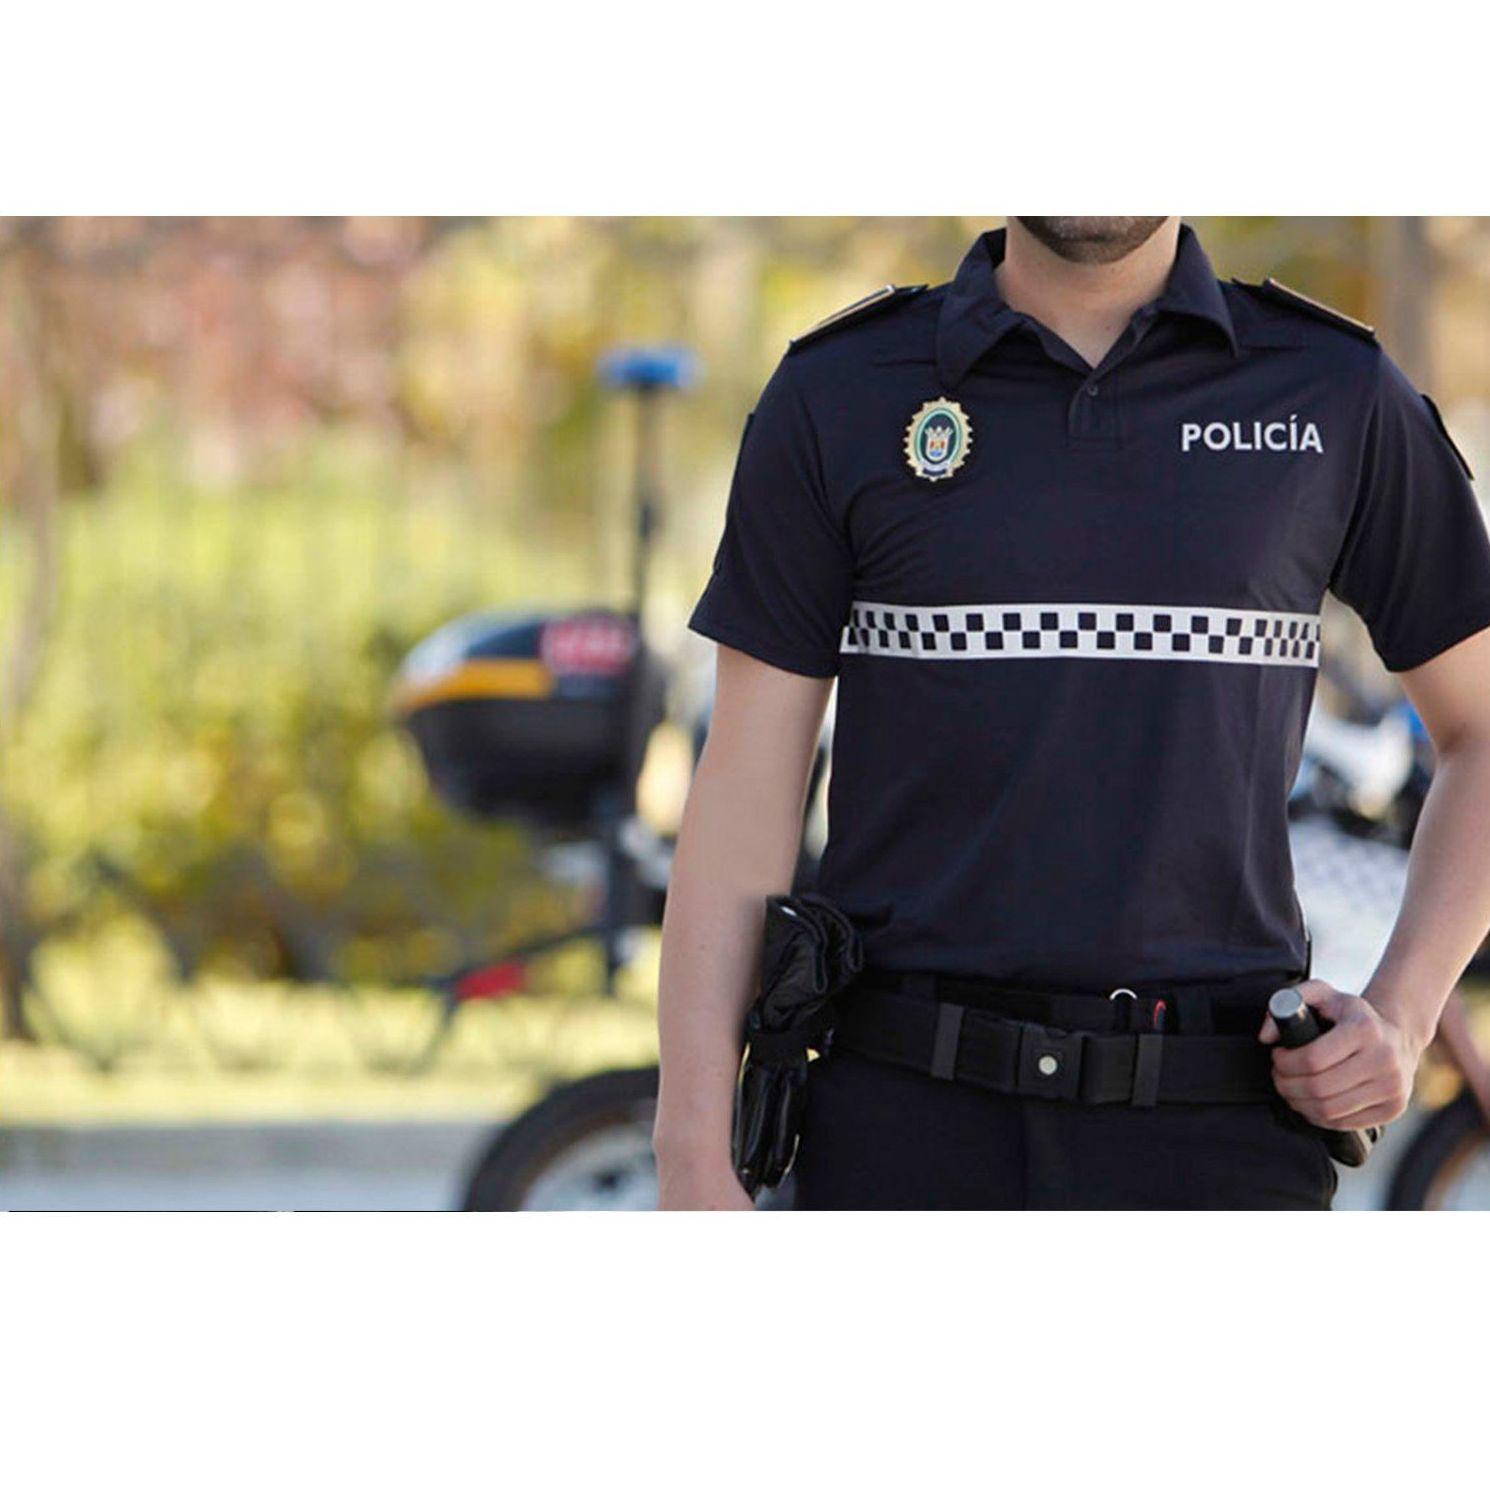 Cuerpos de seguridad del estado: Reconocimientos y servicios de Vázquez Parras Centro de Reconocimientos